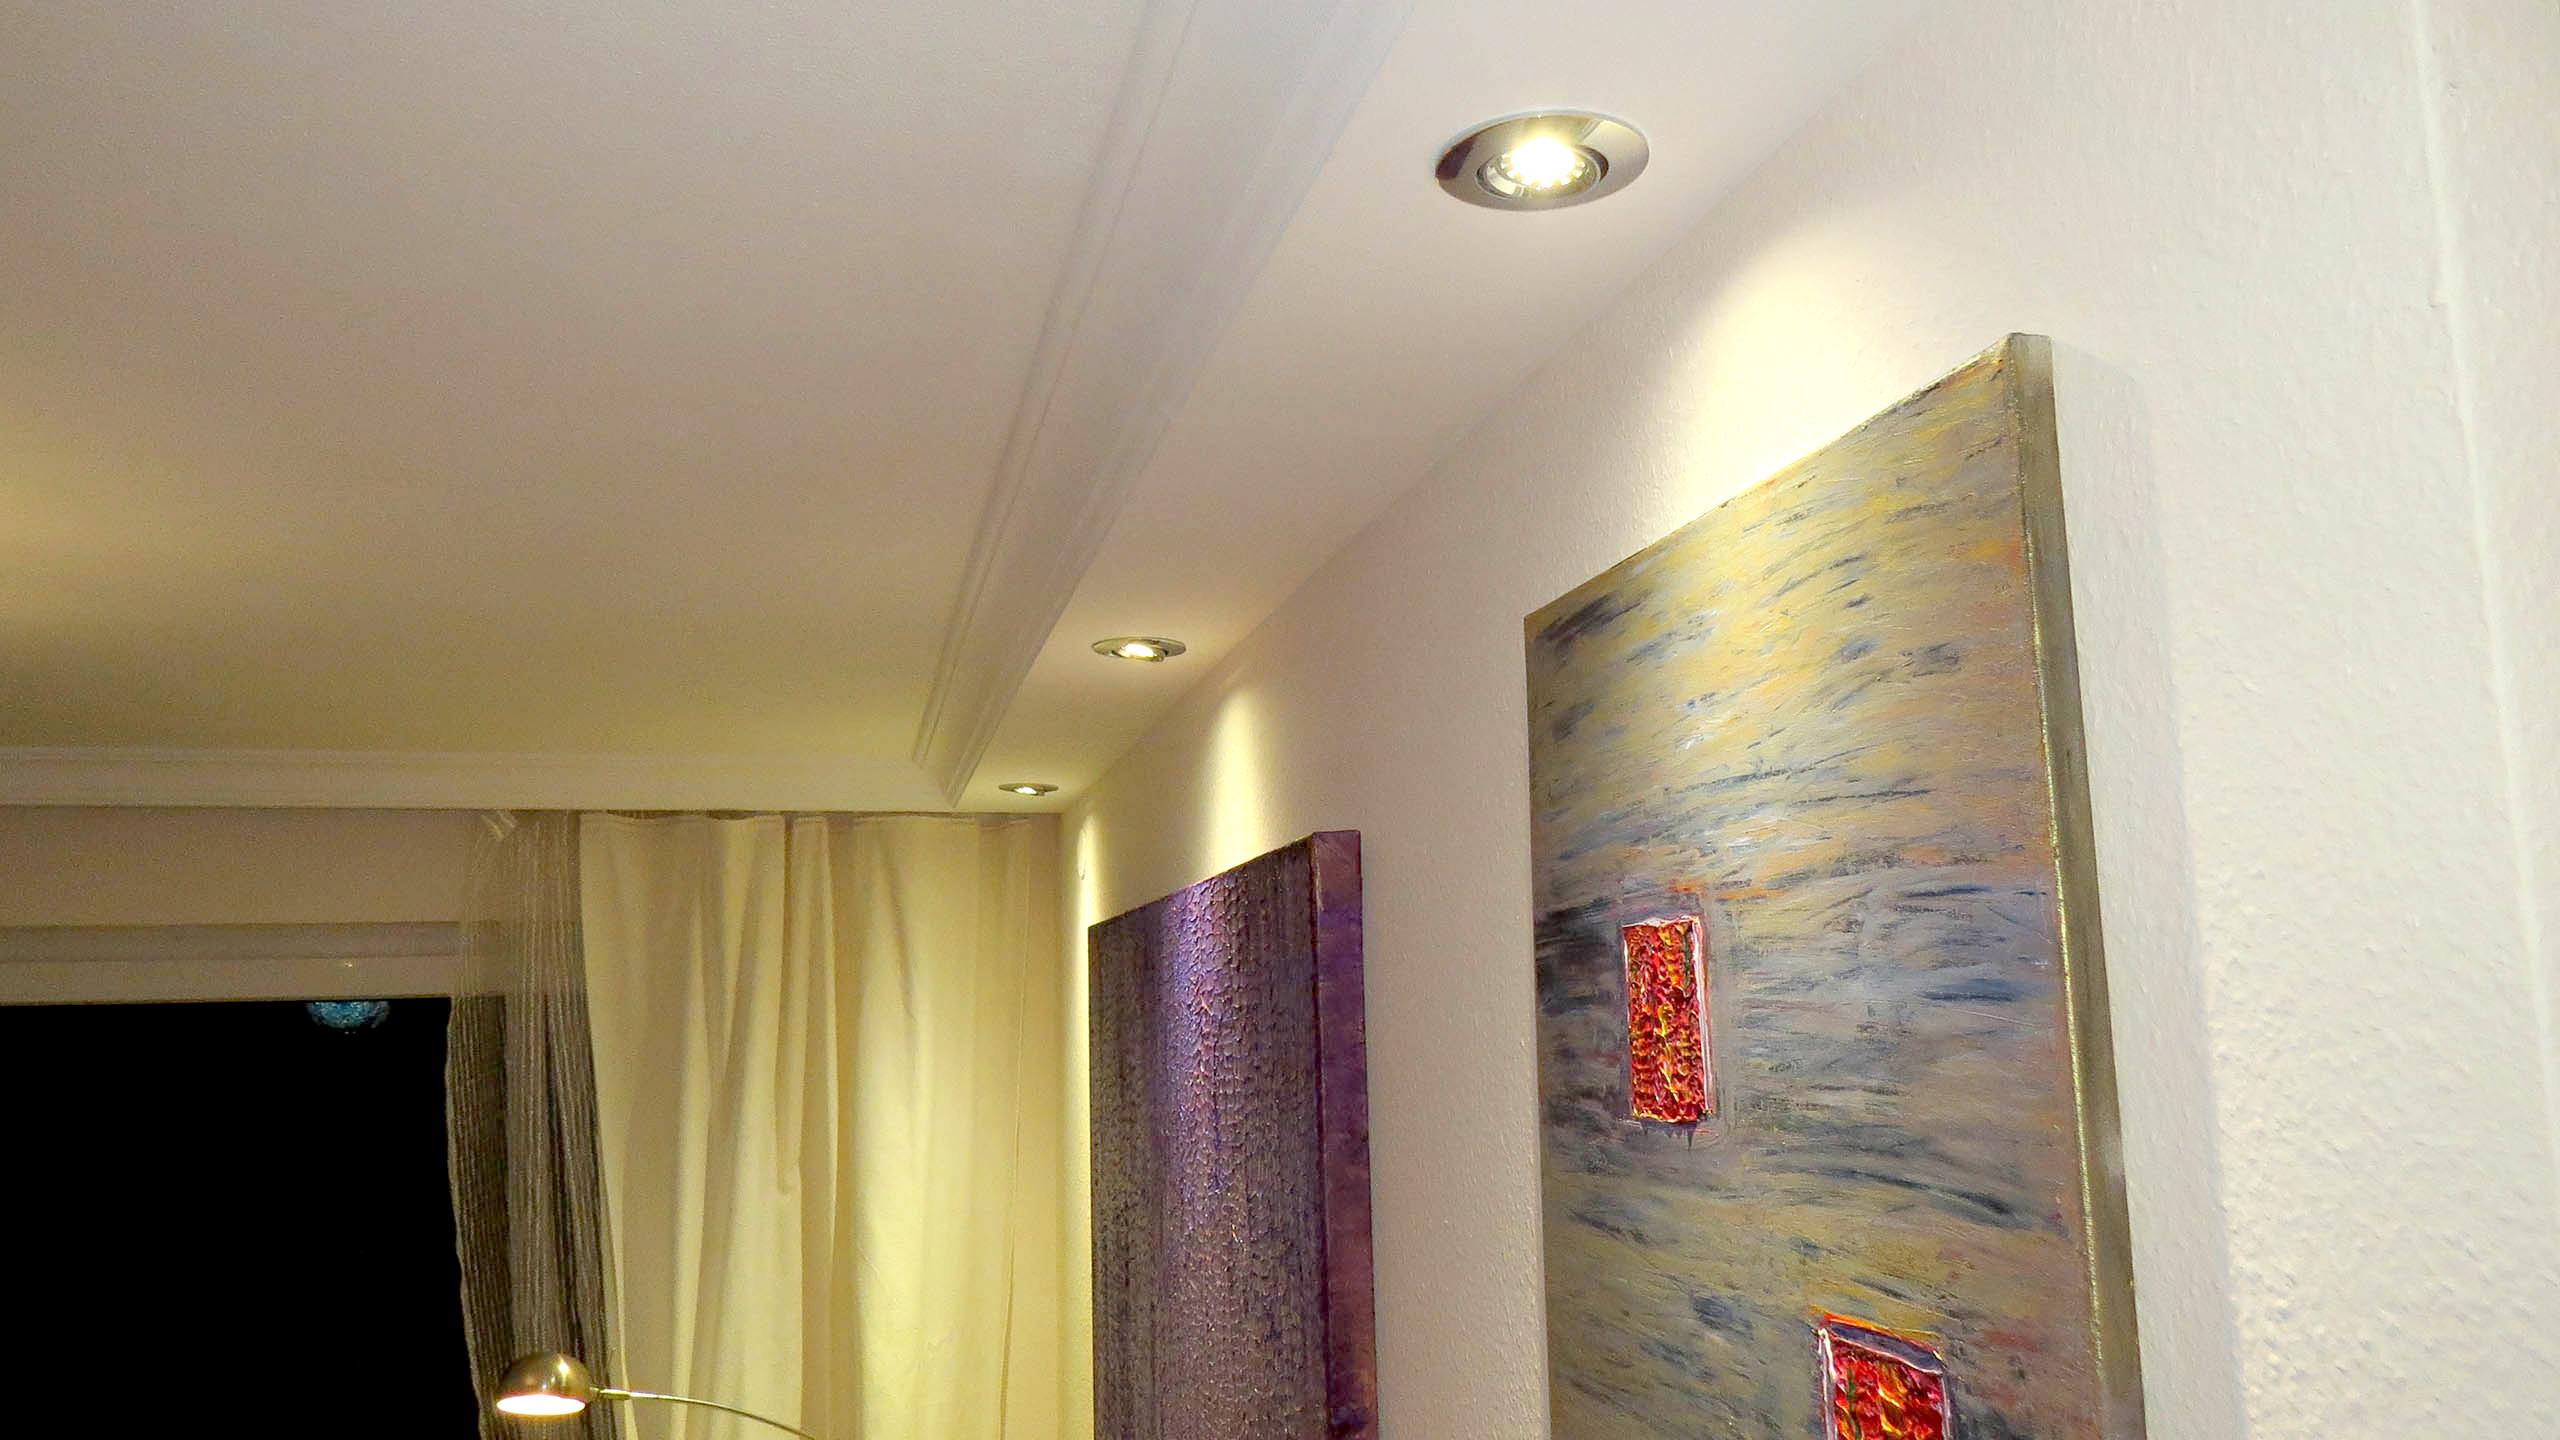 Lichtbalken für den Einbau von Spots